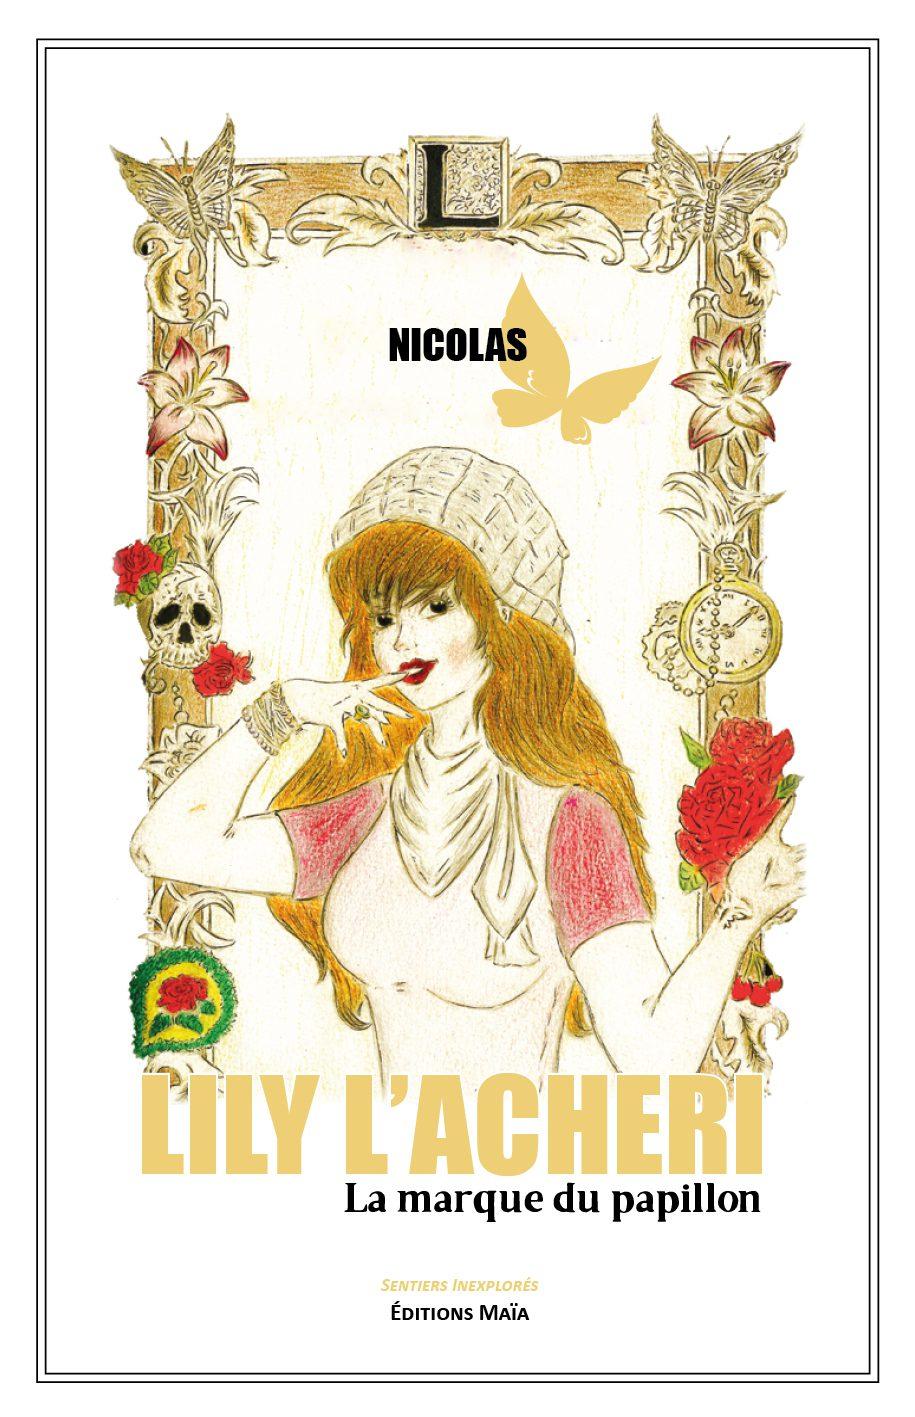 Entretien avec Nicolas – Lily l'Acheri